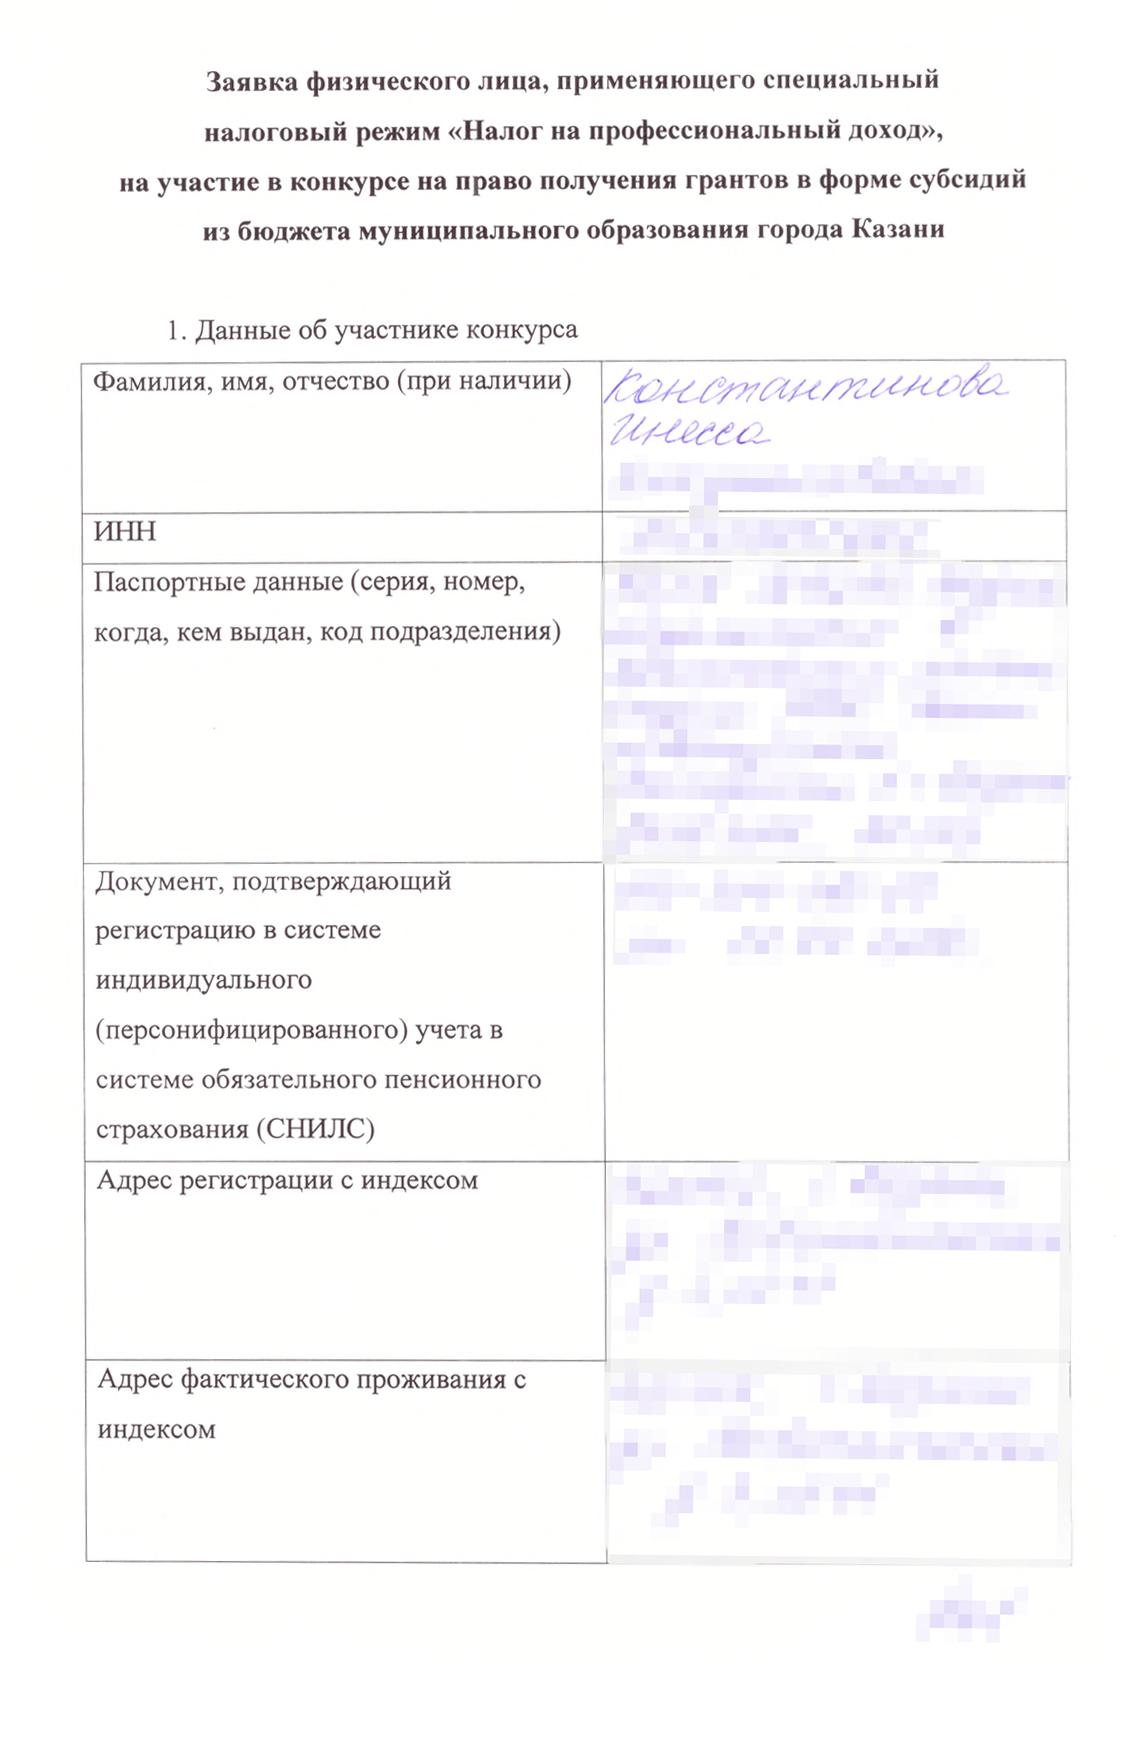 В заявке я указала стандартные реквизиты — паспортные данные, ИНН, СНИЛС, адрес, телефон